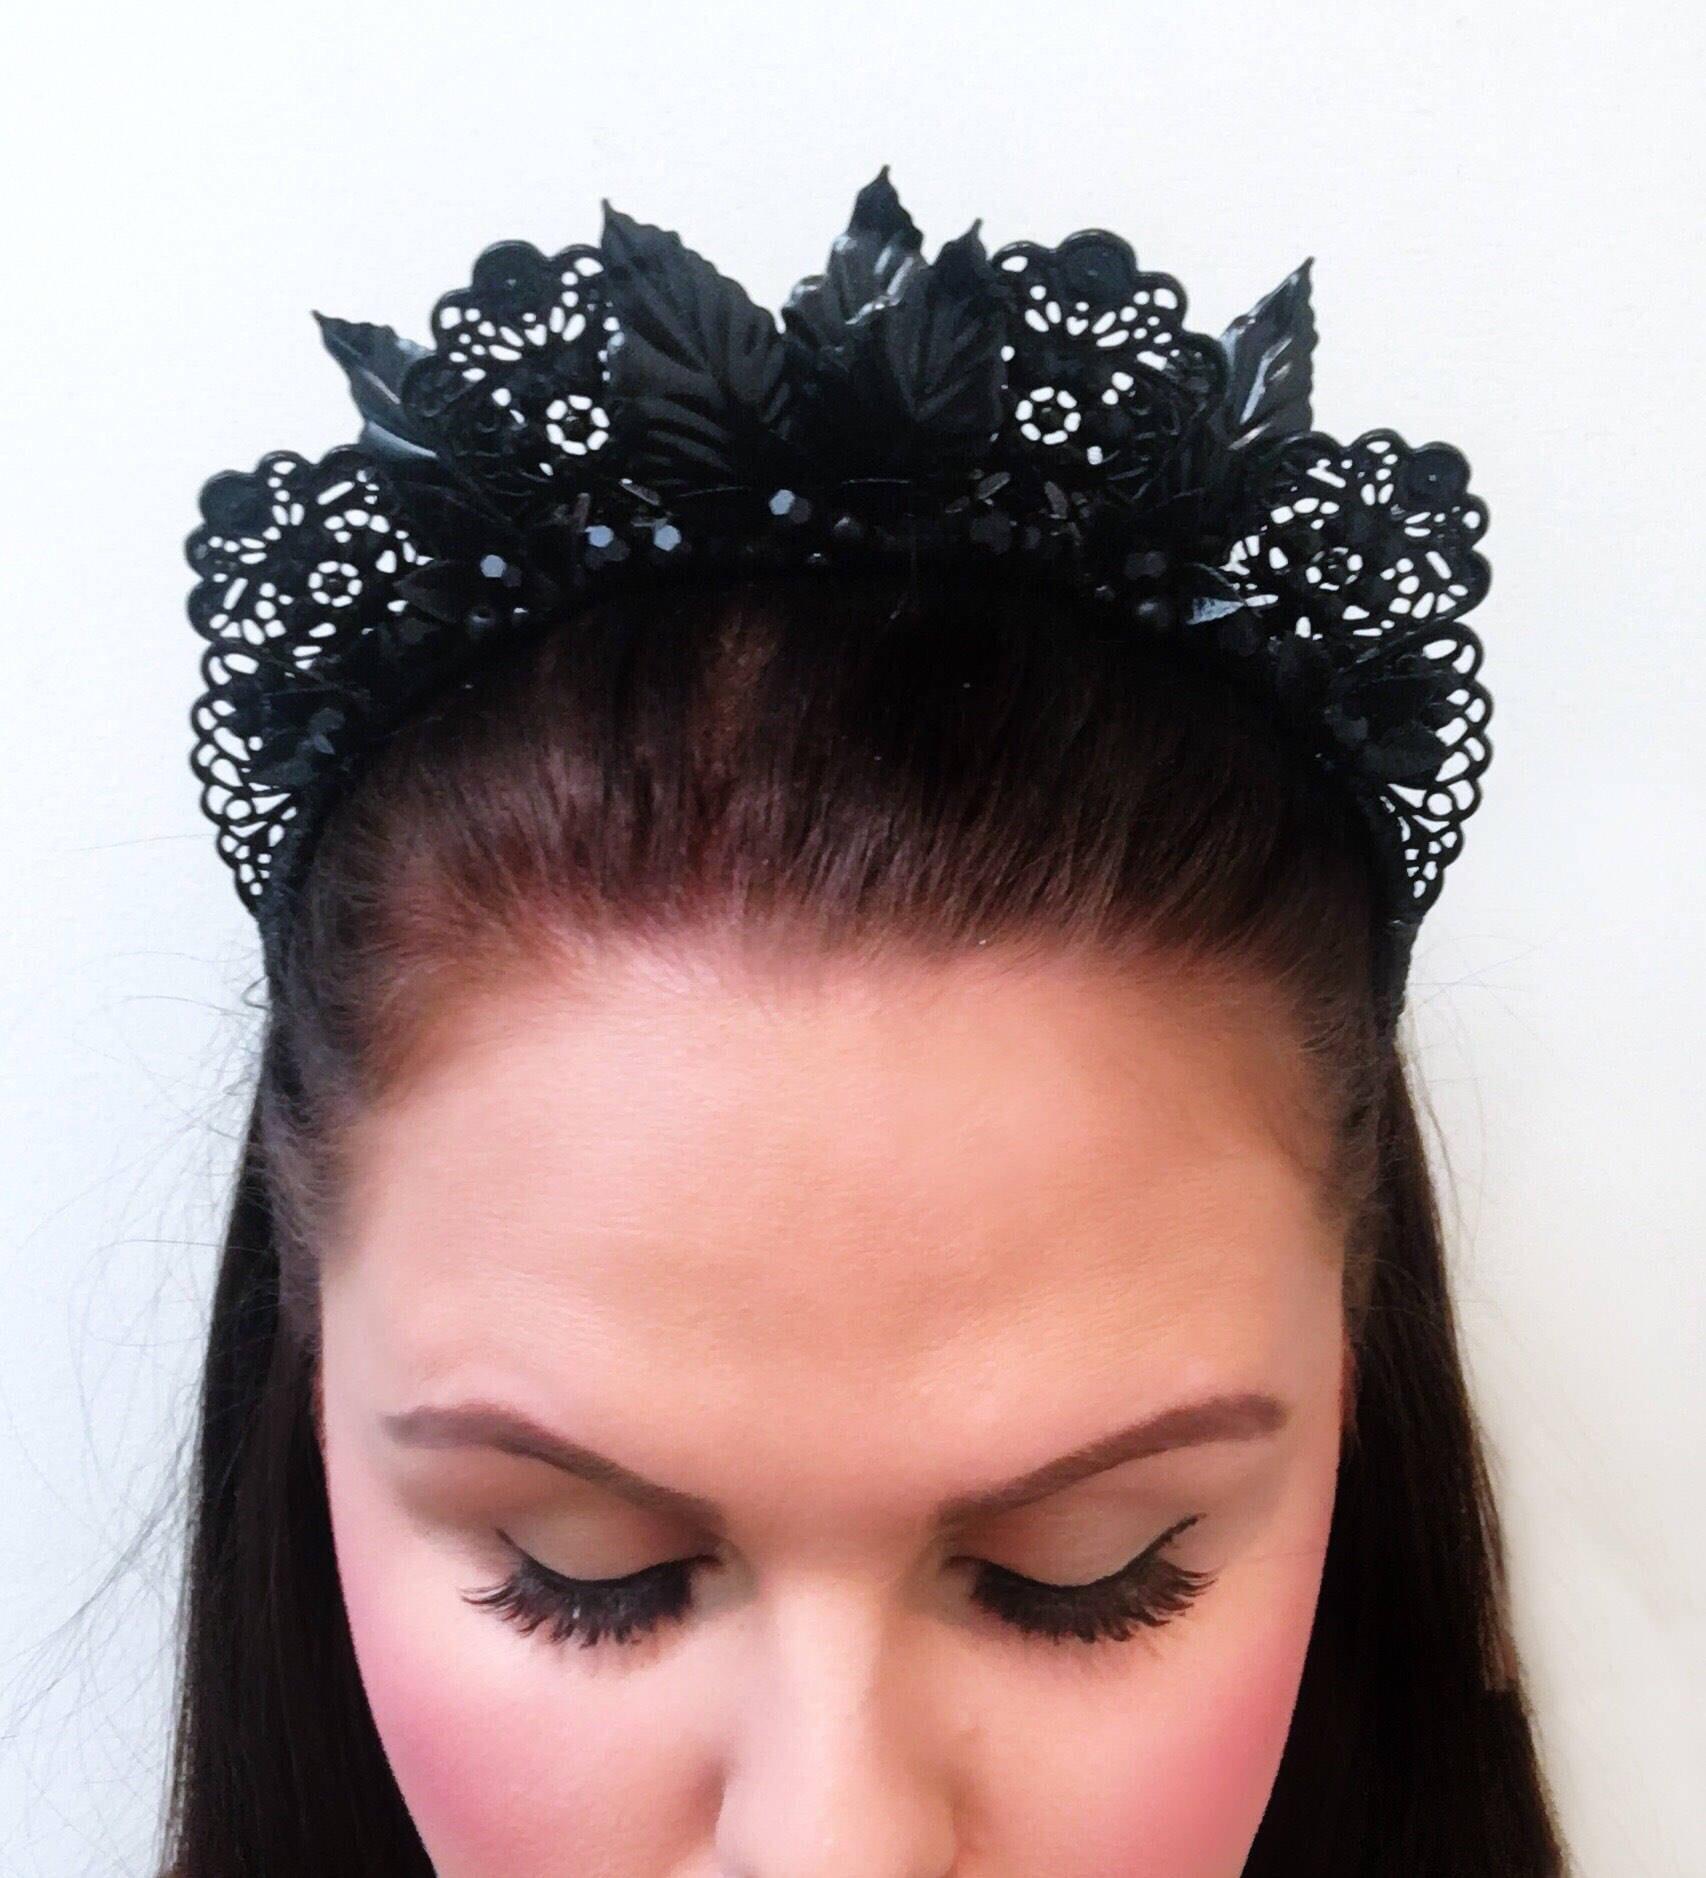 Matte Black Floral Crown Black Crown Flower Crown Flowers Metal